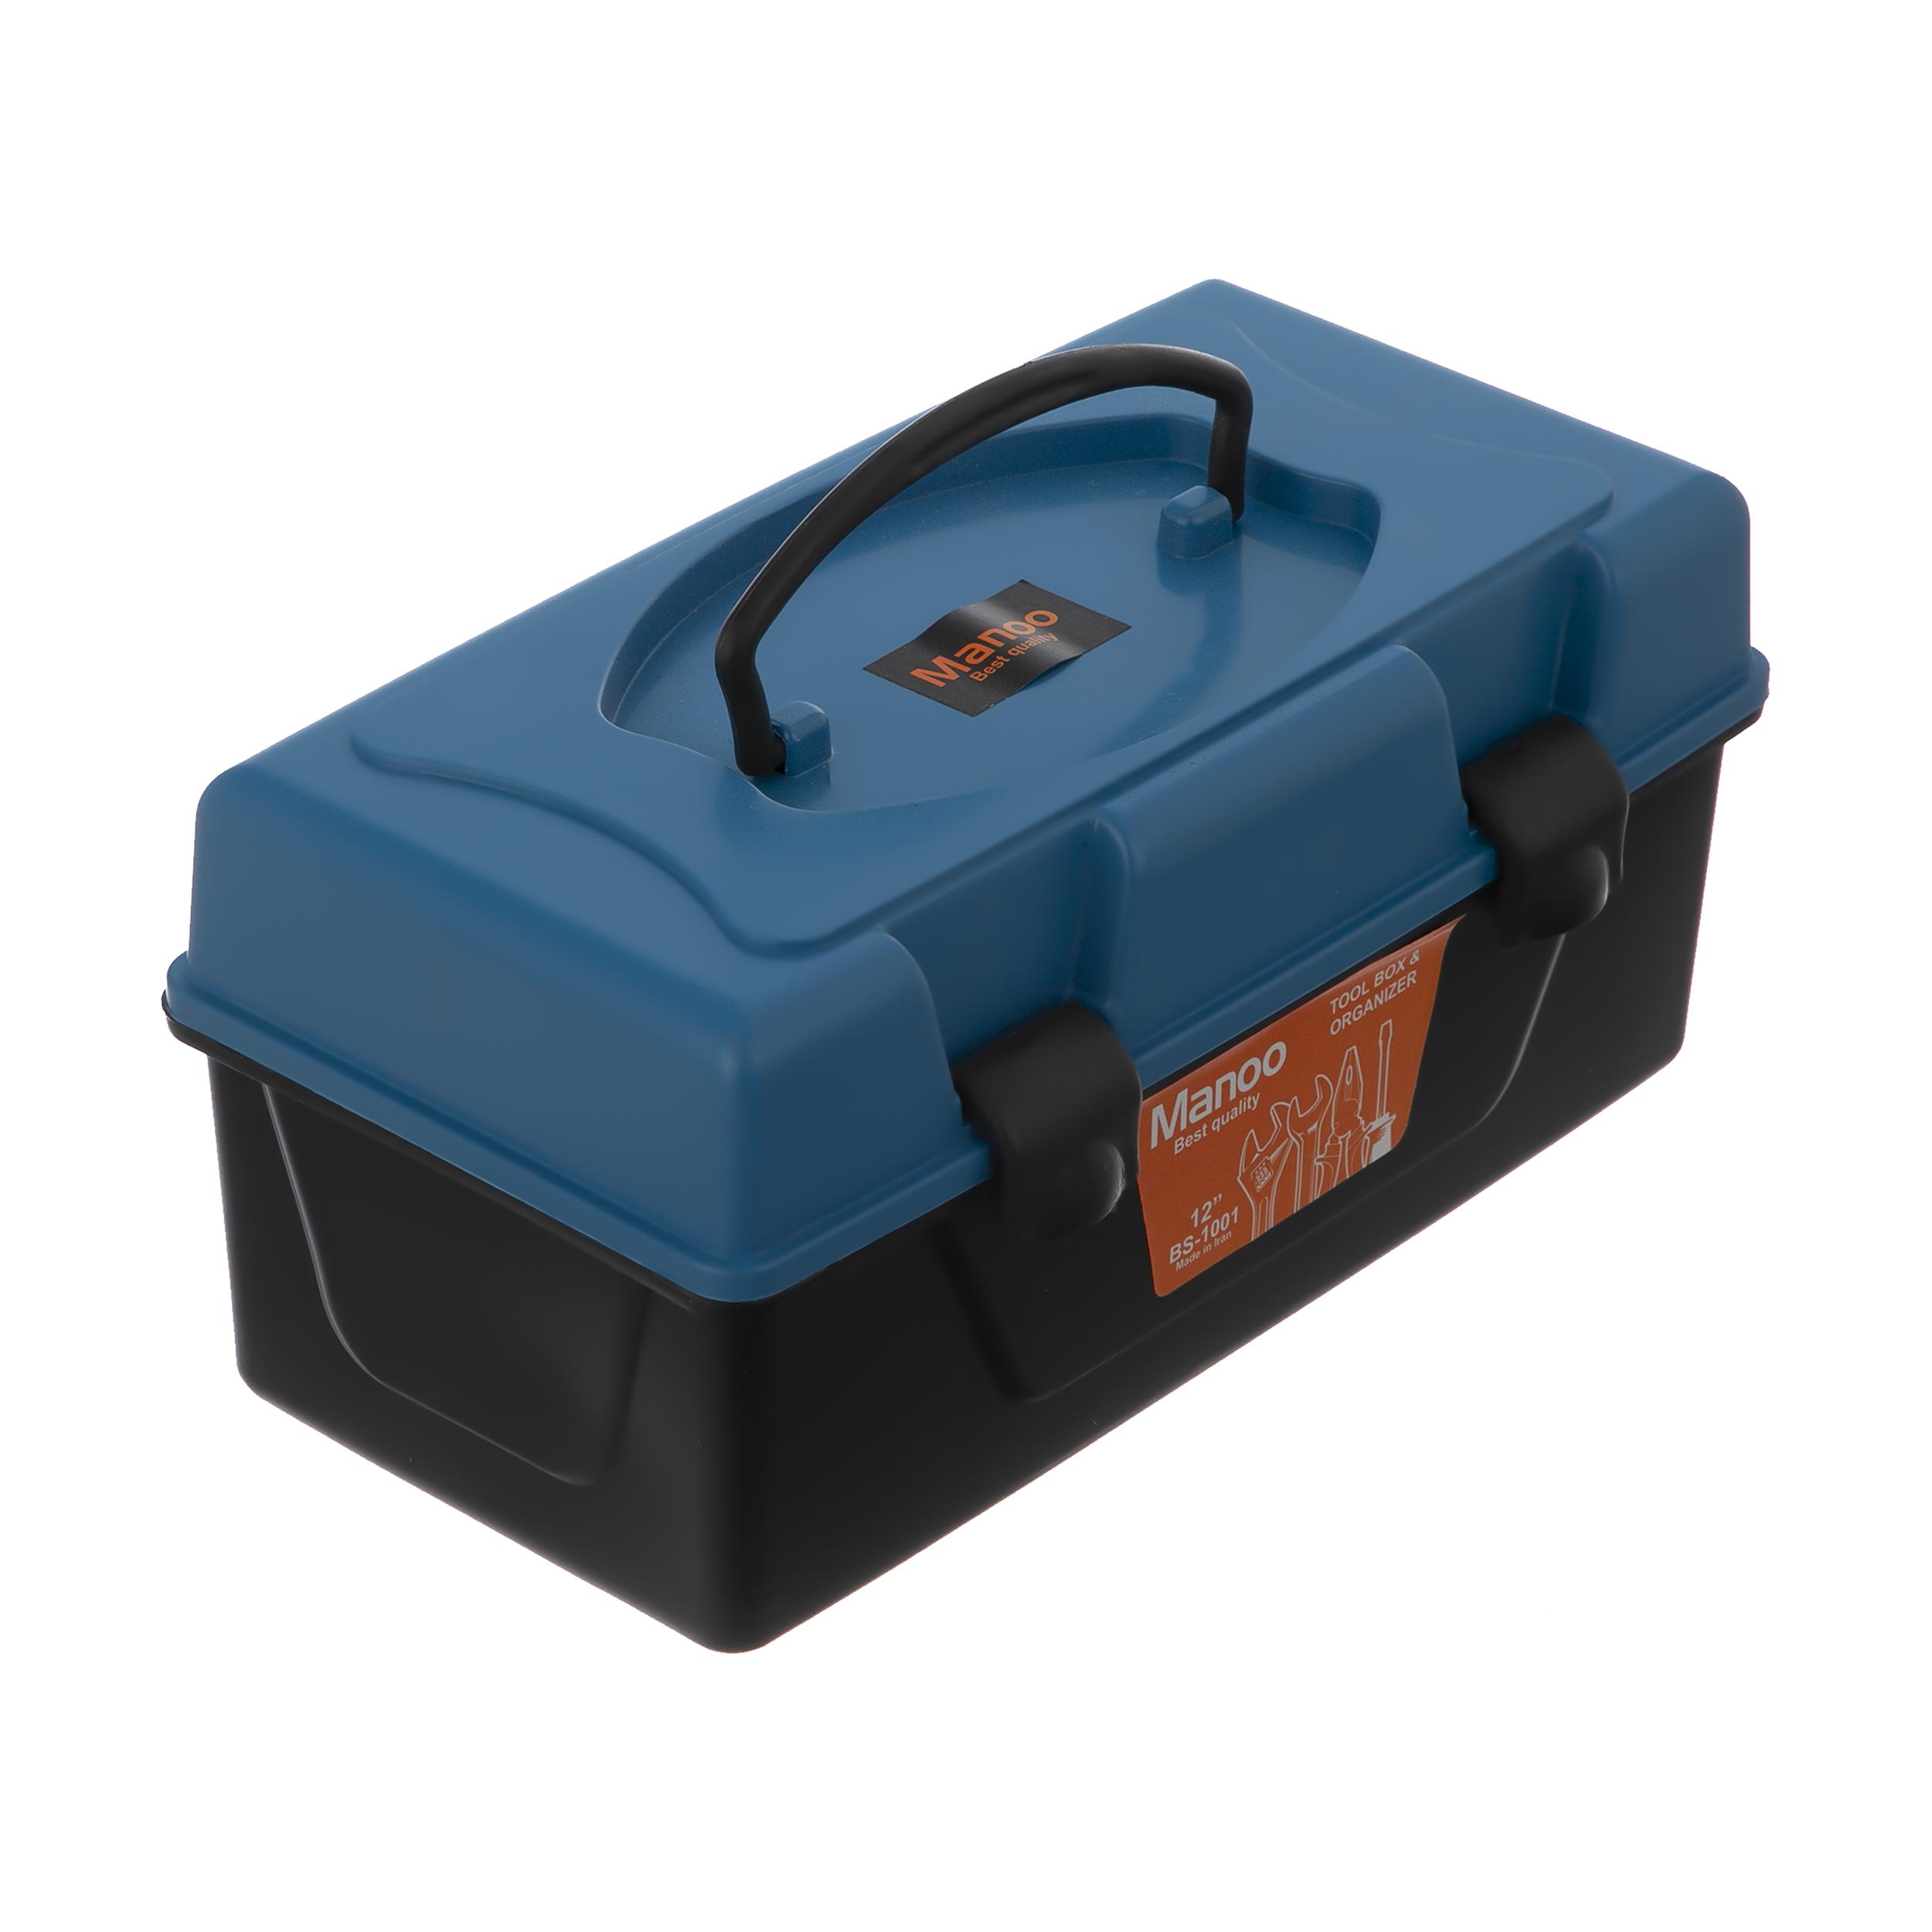 جعبه ابزار مانو مدل BS-1001